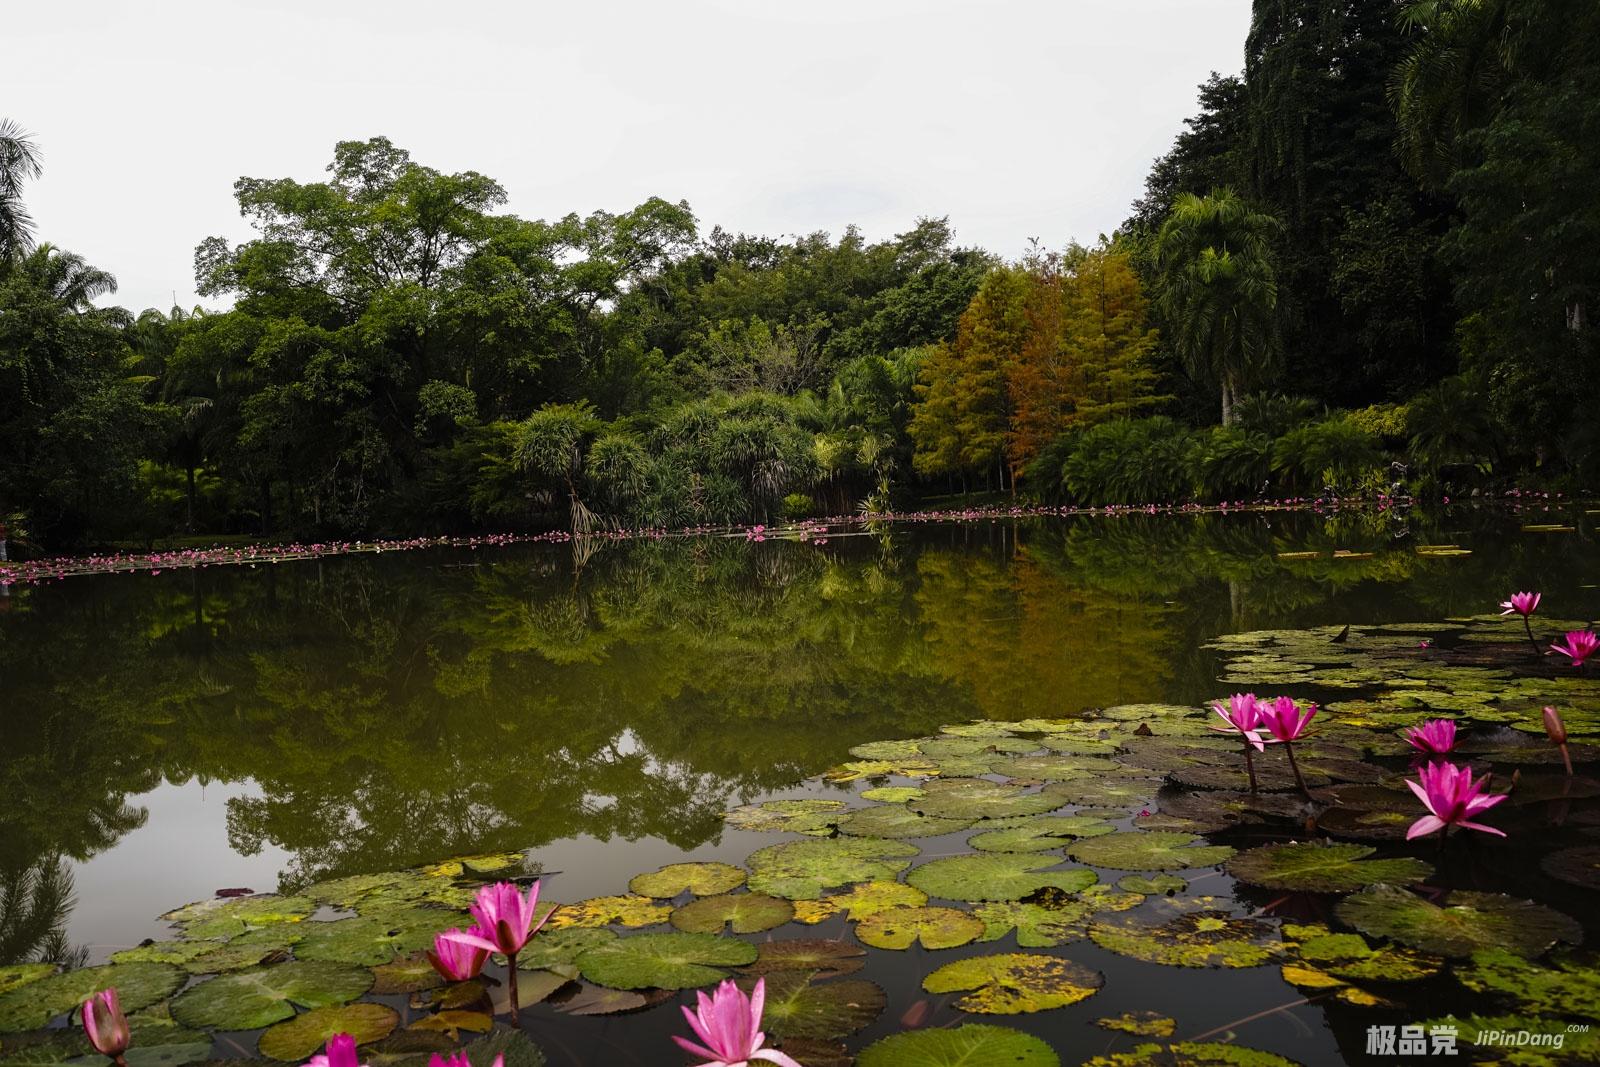 20180102回忆—云南西双版纳植物园、千寻美食音乐会馆-极品党